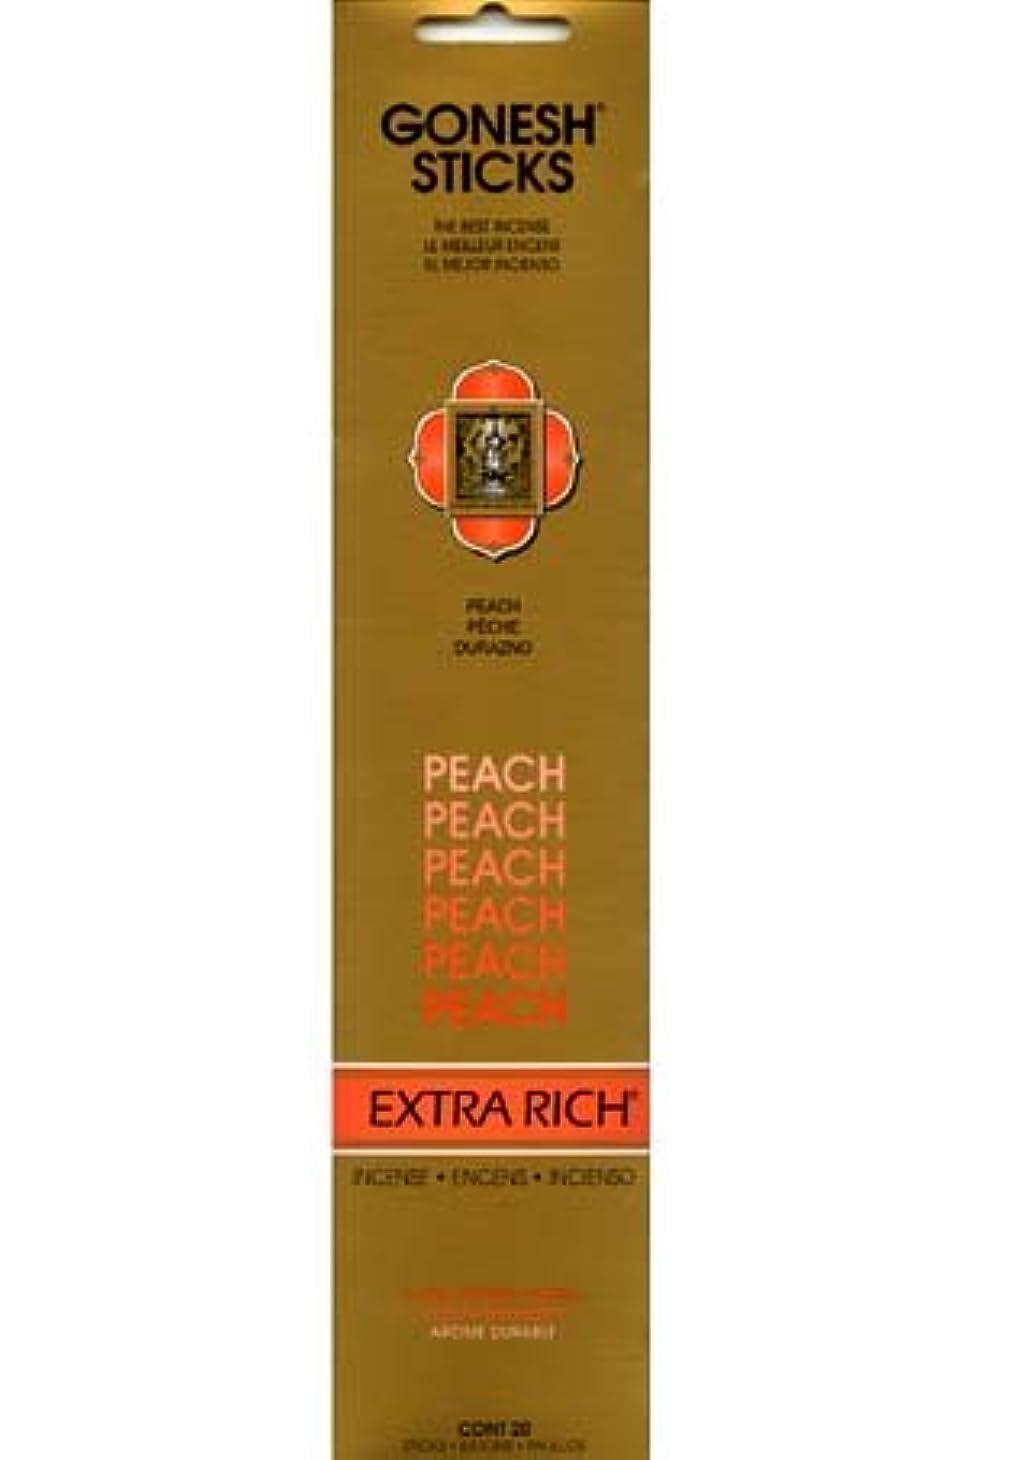 メイドコレクションブラウスGONESH インセンス エクストラリッチスティック PEACH(ピーチ香)